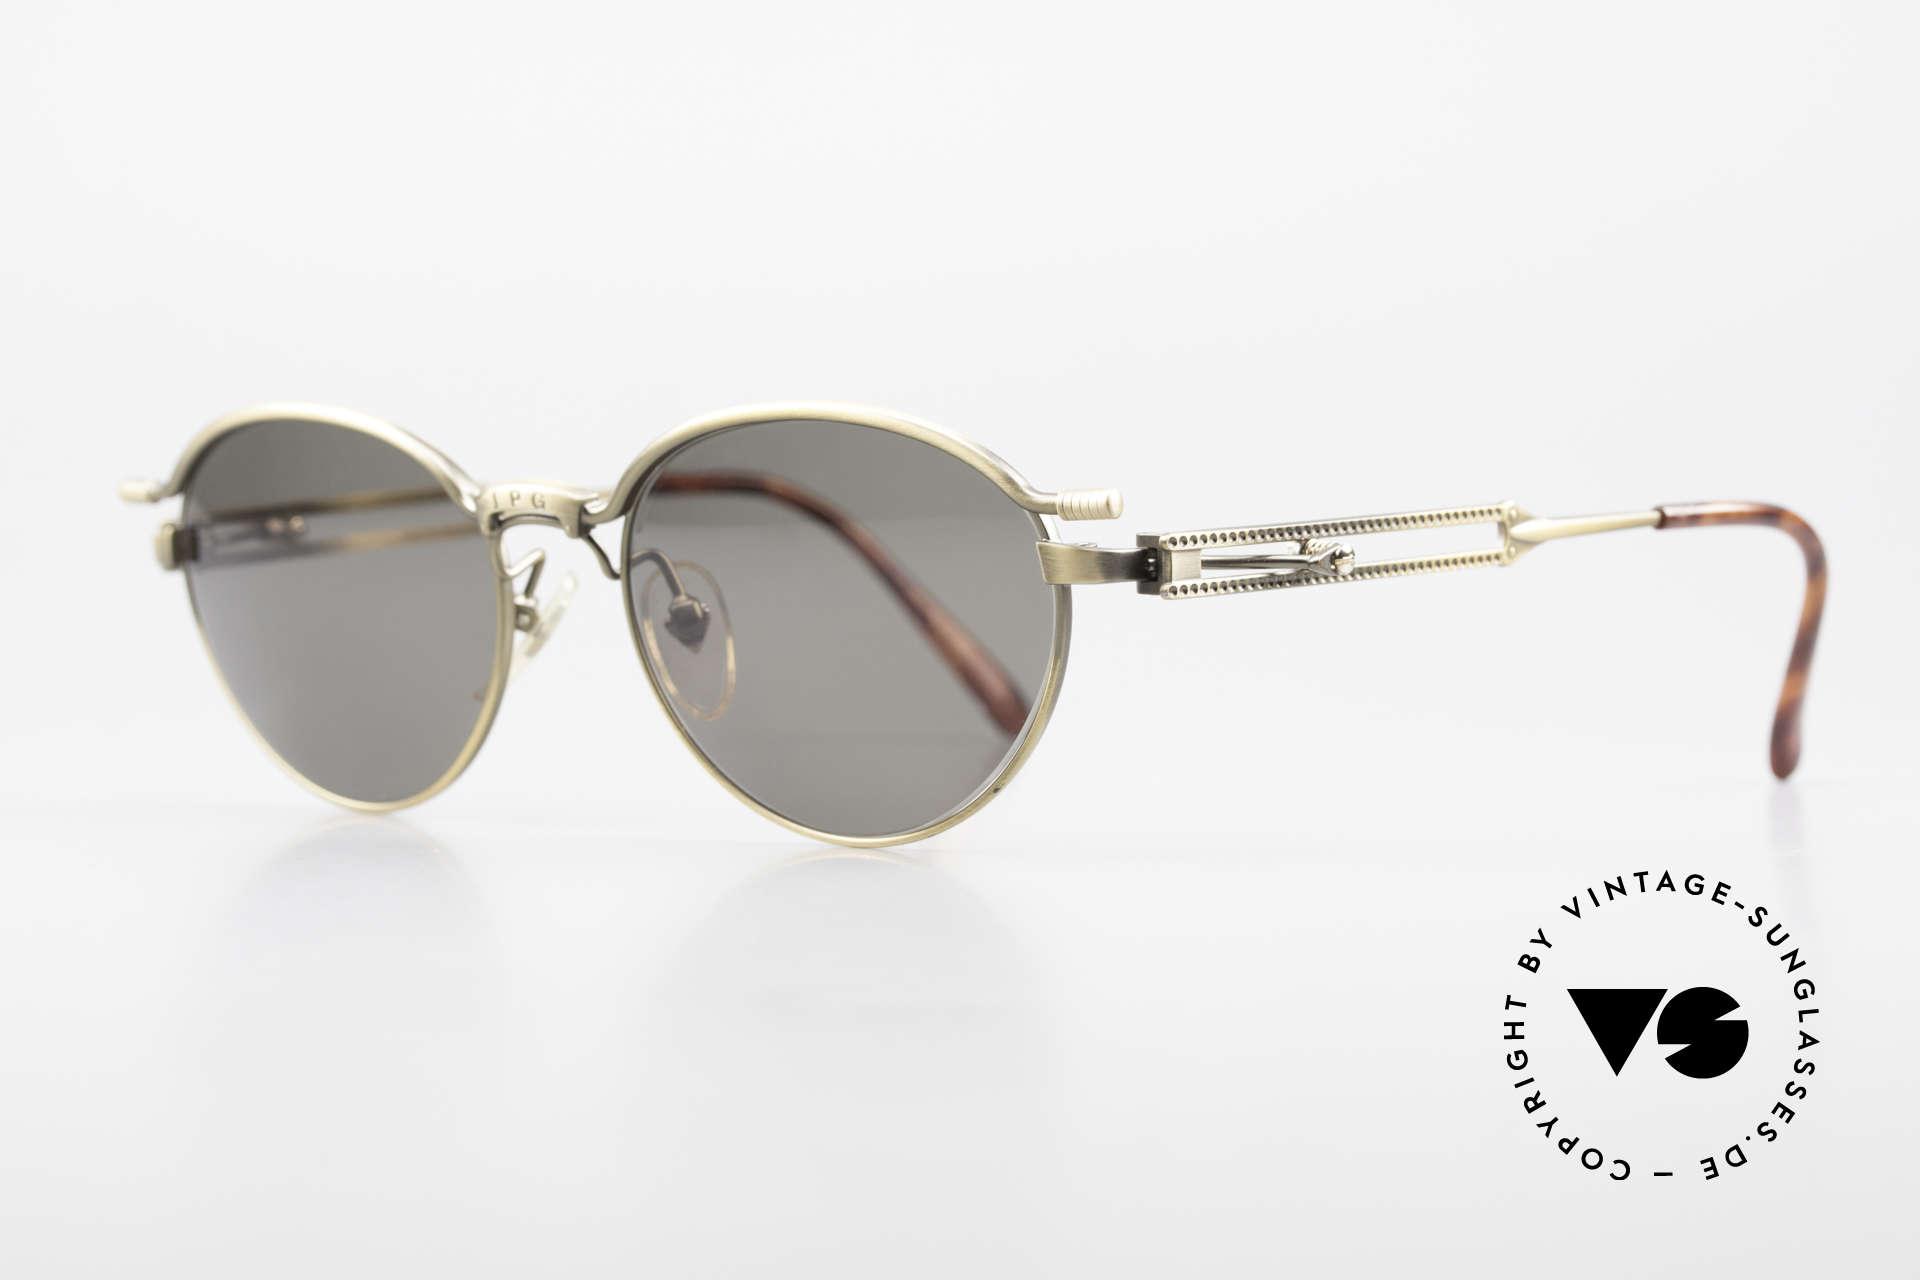 Jean Paul Gaultier 56-4172 Unisex Designerbrille 90er JPG, unbeschreibliche Spitzen-Qualität, made in JAPAN, Passend für Herren und Damen